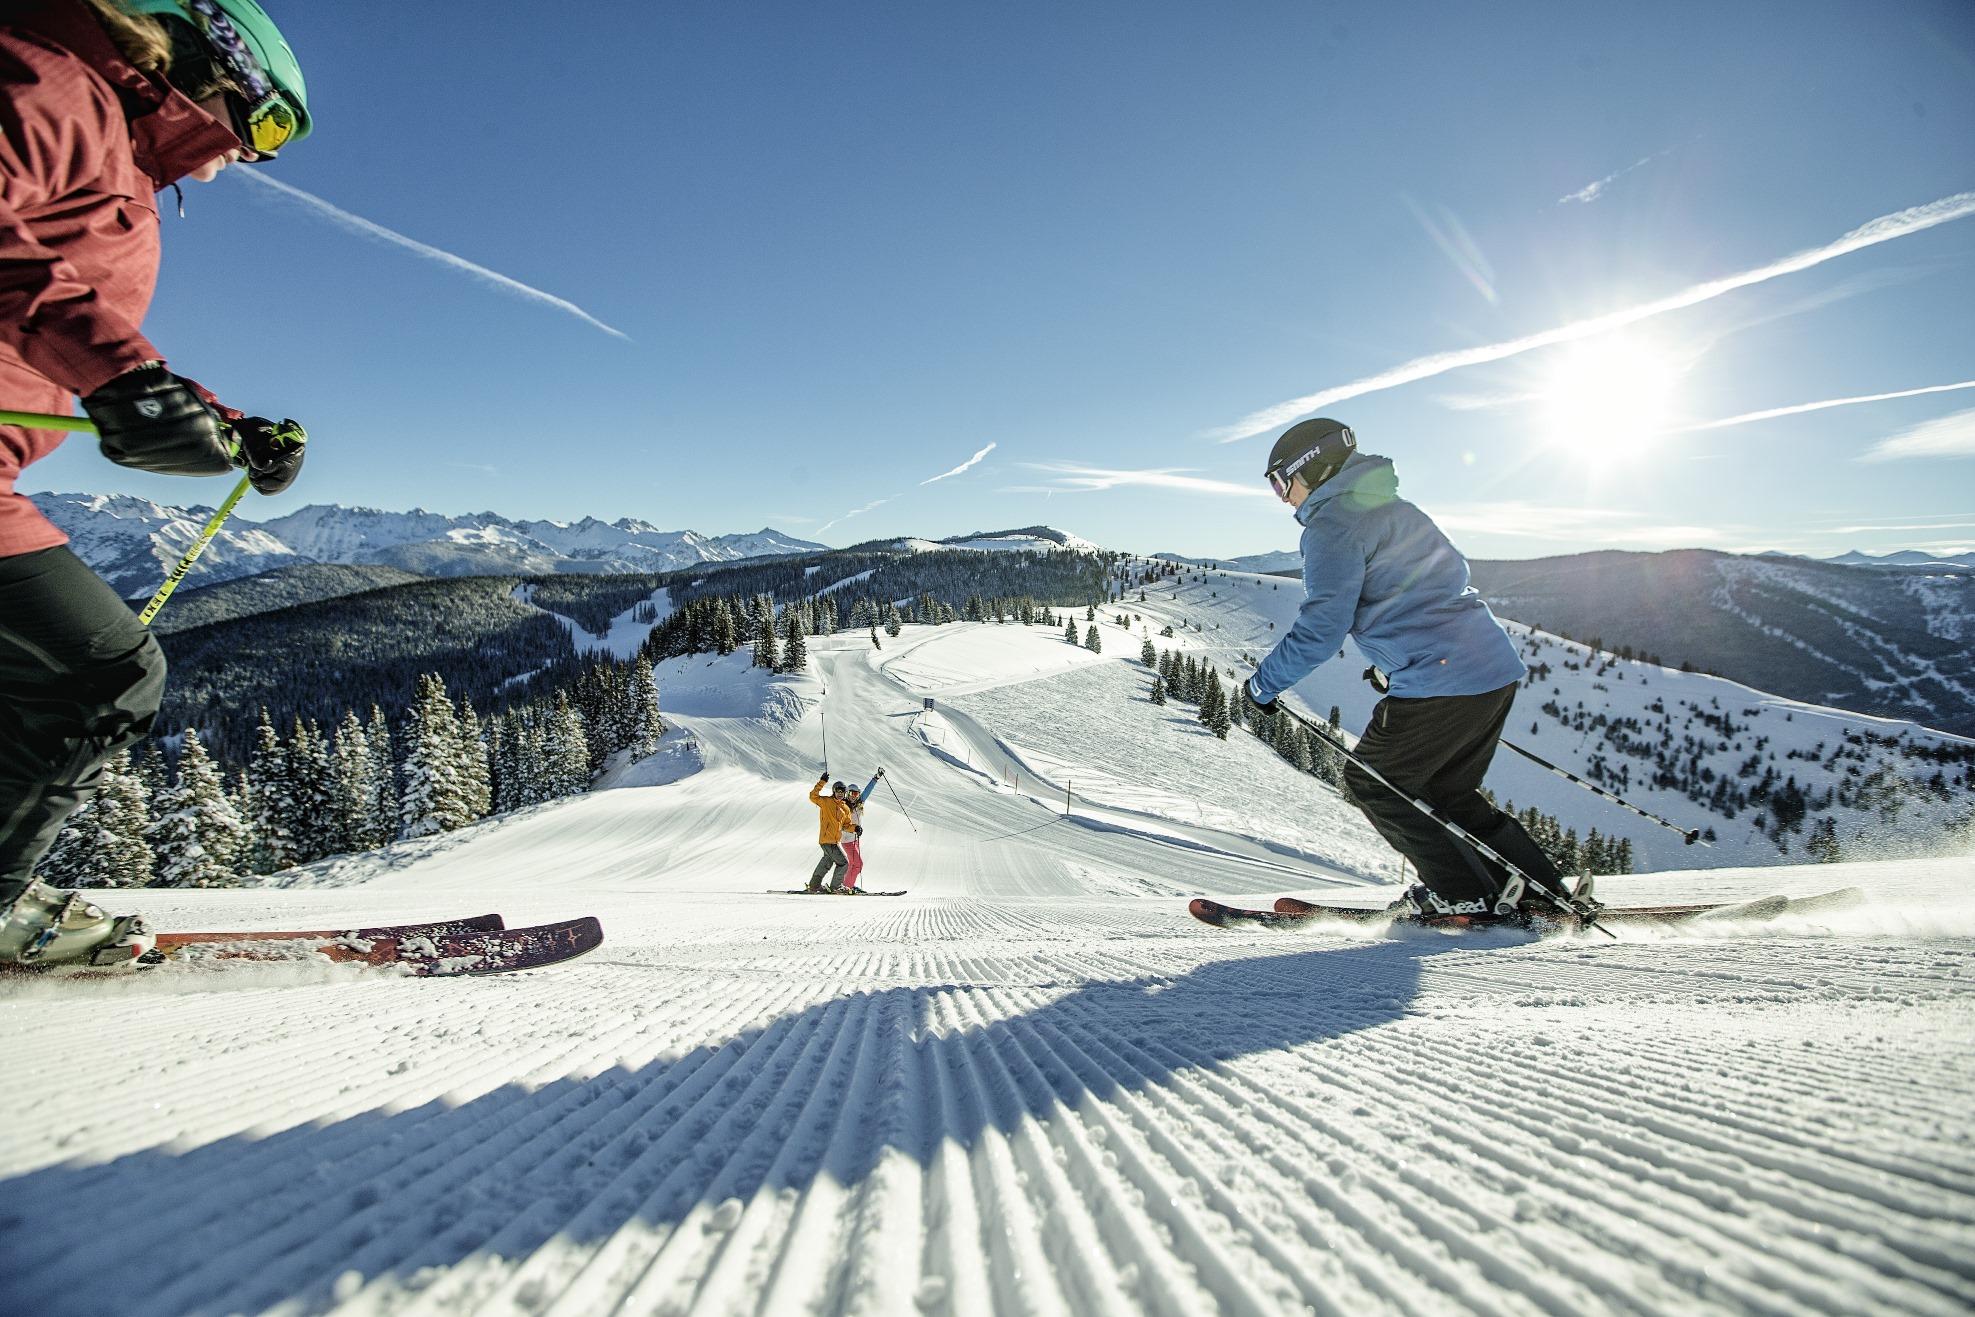 Geniet van de perfect geprepareerde pistes in het wereldberoemde skigebied van Vail